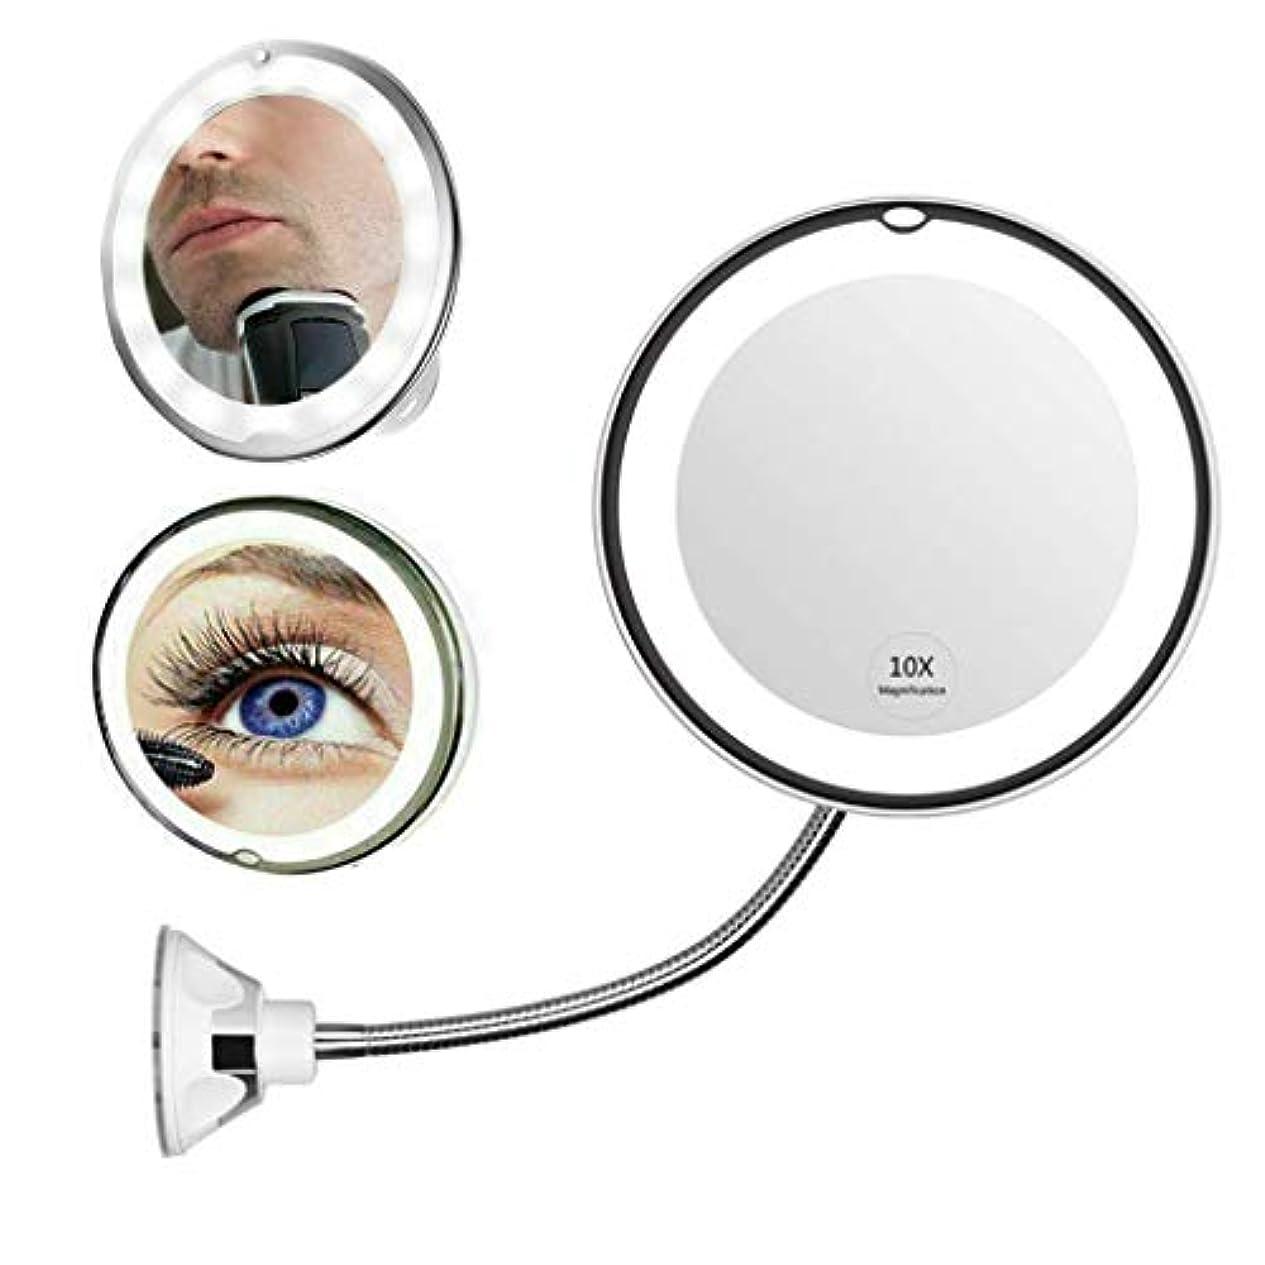 後ろ、背後、背面(部パブスリラーVanity Mirror 10X拡大化粧鏡LED照明付き化粧鏡フィルライトナイトランプ、360°スイベル&ホームシャワー用サクションカップバスルーム